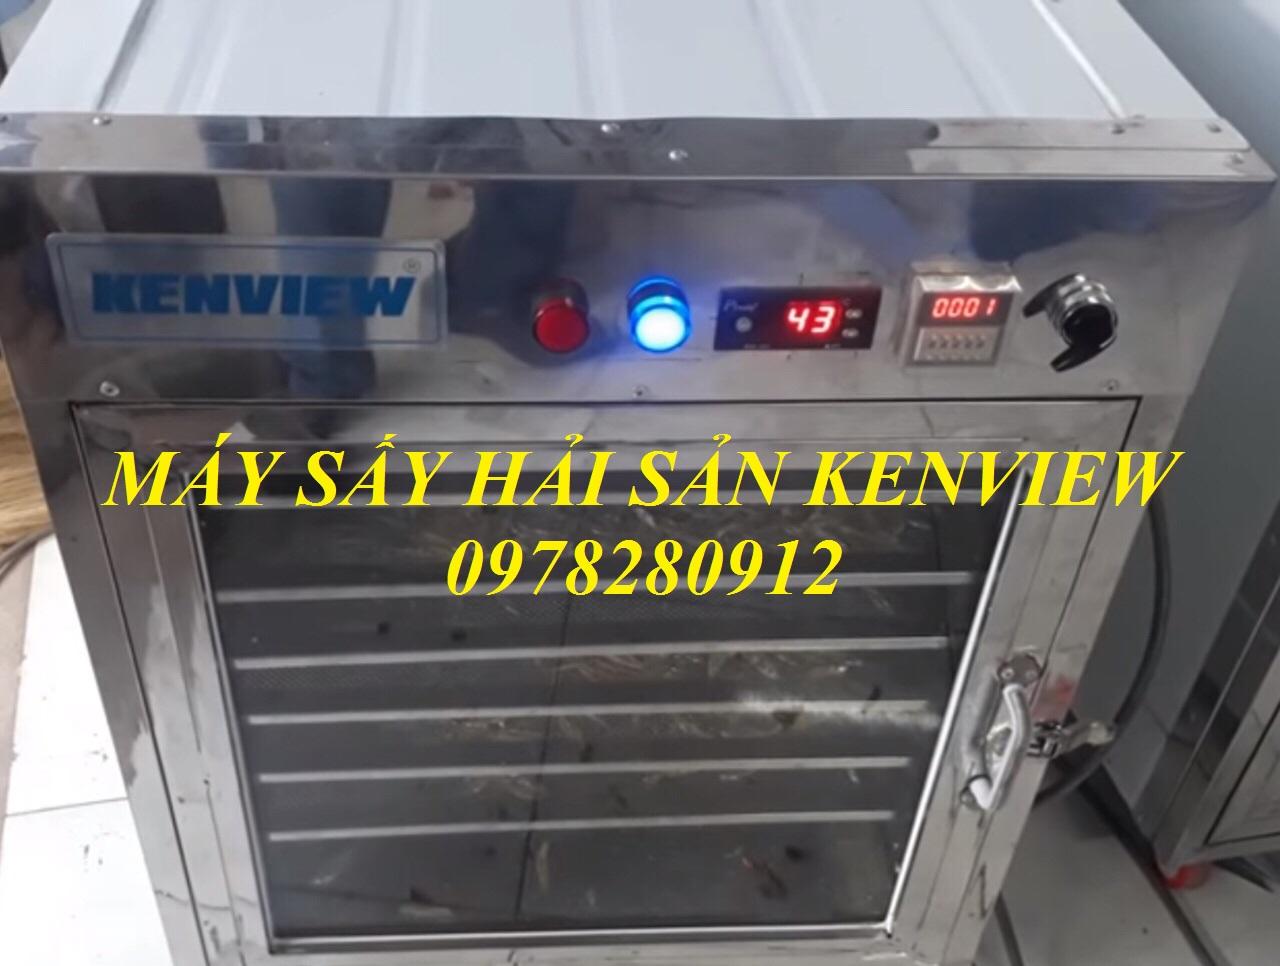 Cung cấp máy sấy cá khô tại Đà Nẵng. 0978280912.